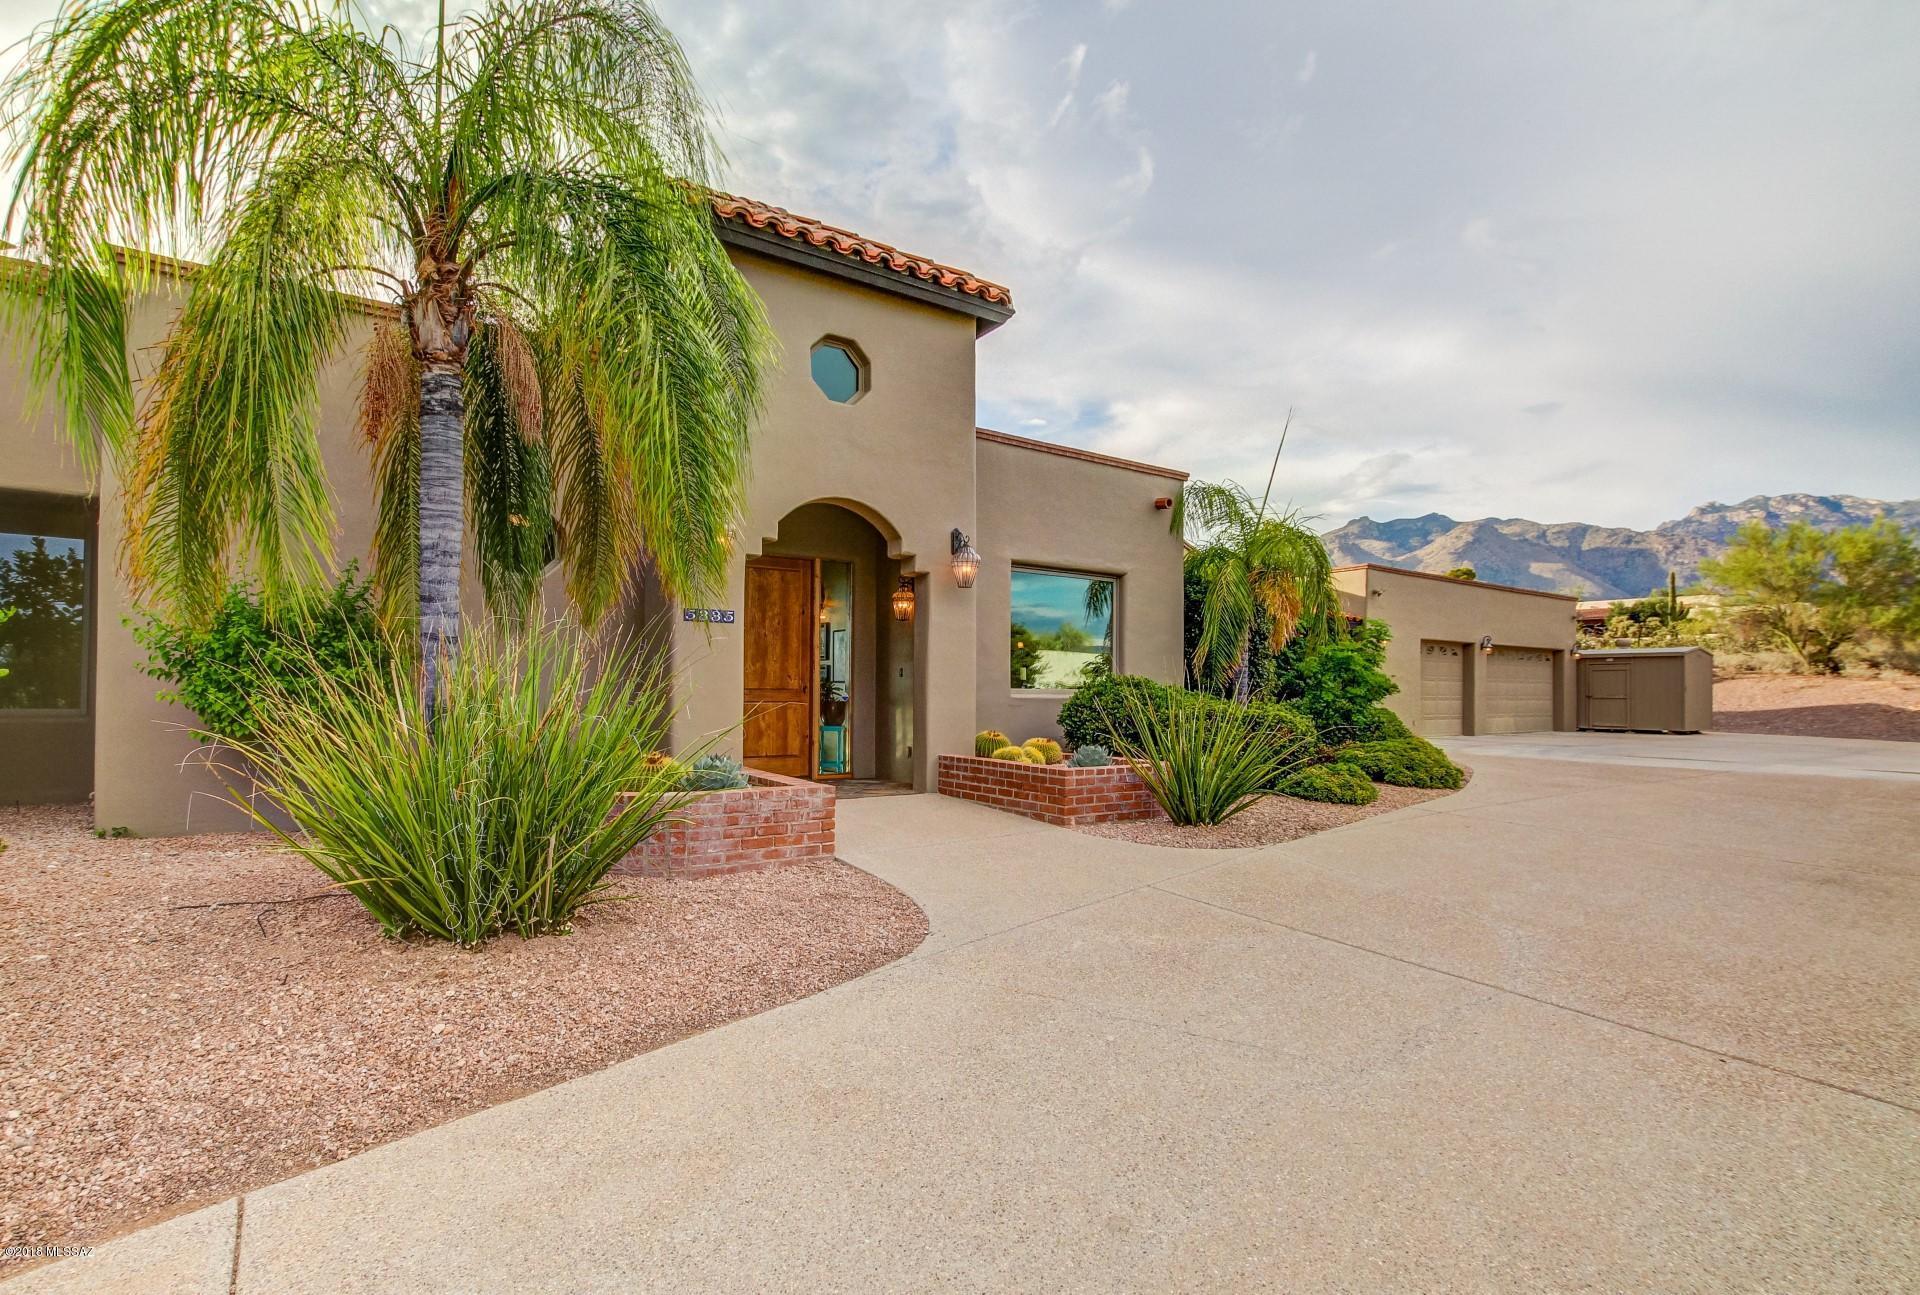 Photo of 5335 E Camino Francisco Soza, Tucson, AZ 85718